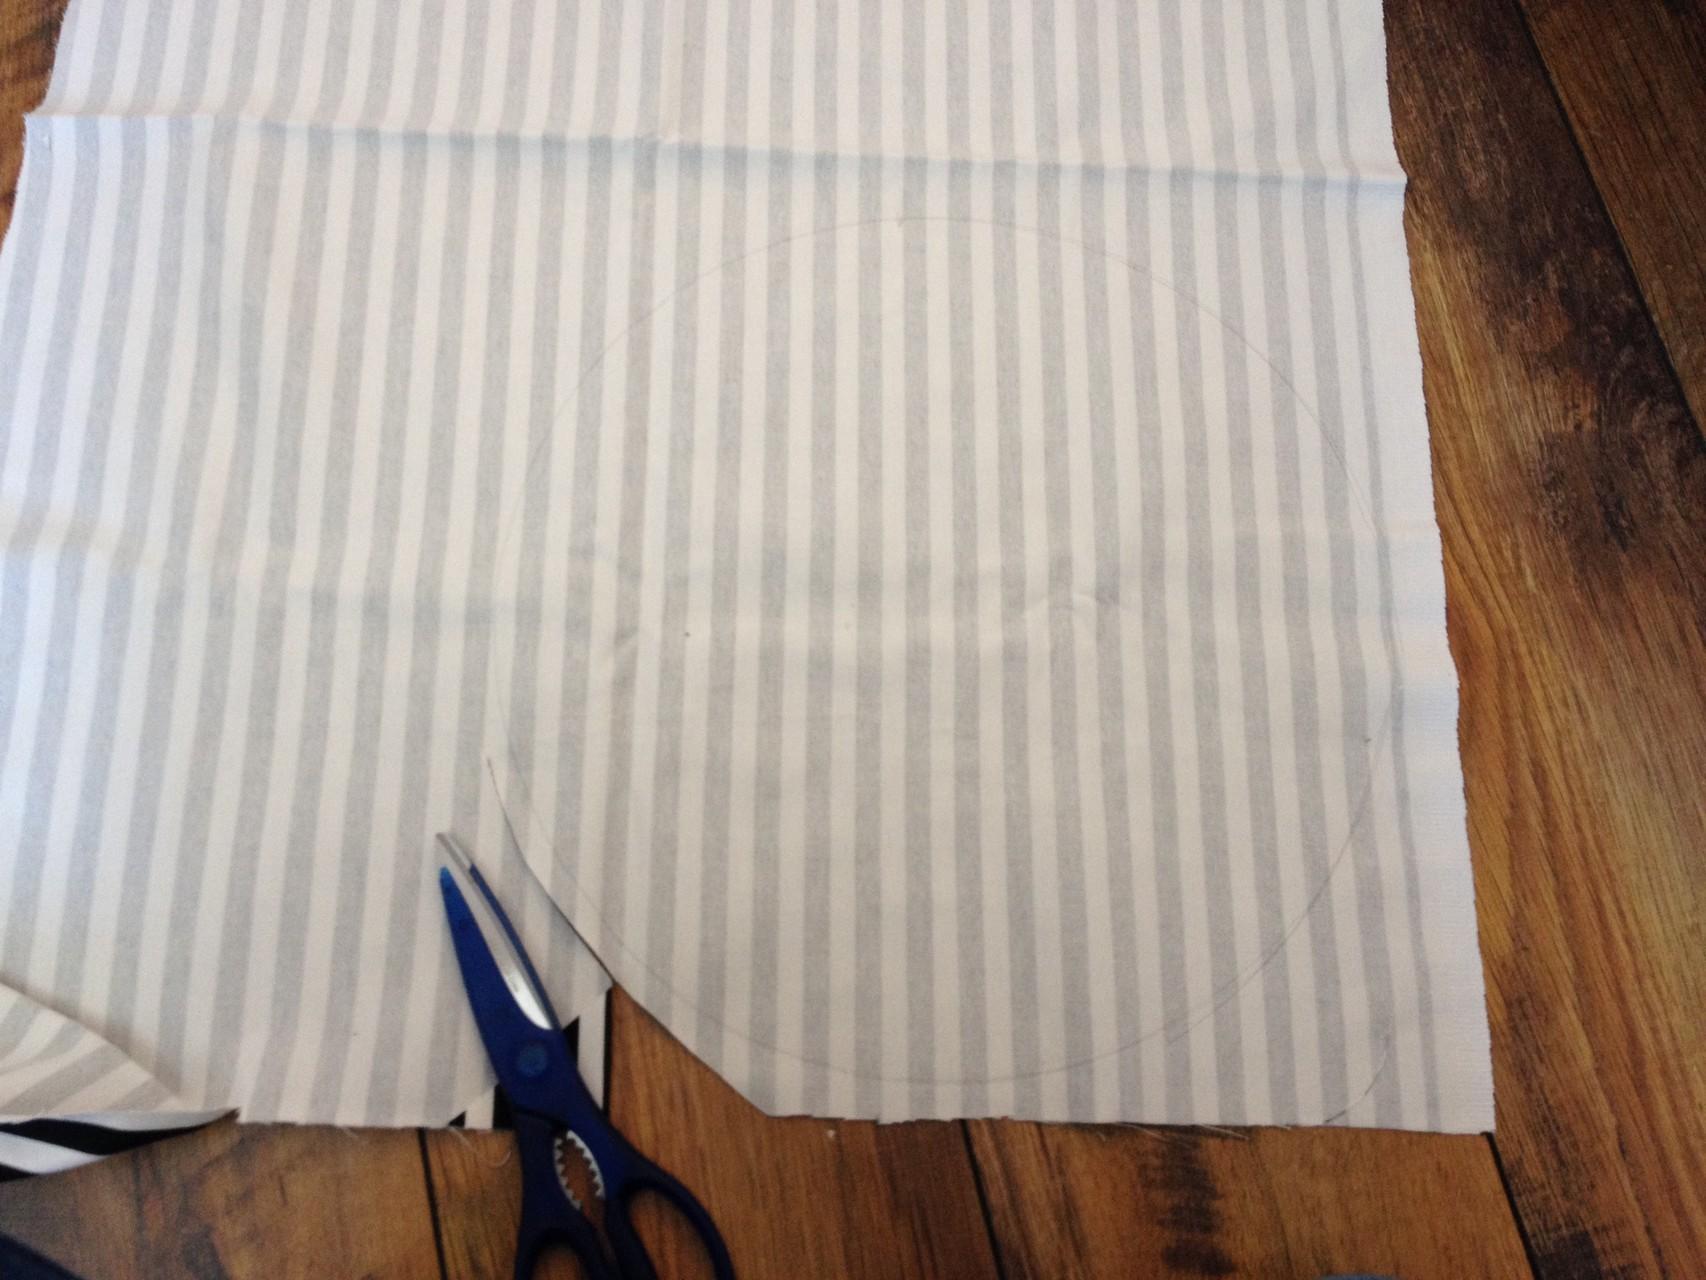 Zuerst einen Kreis in der gewünschten Bodengröße aufzeichnen und mit einer Nahtzugabe ausschneiden.